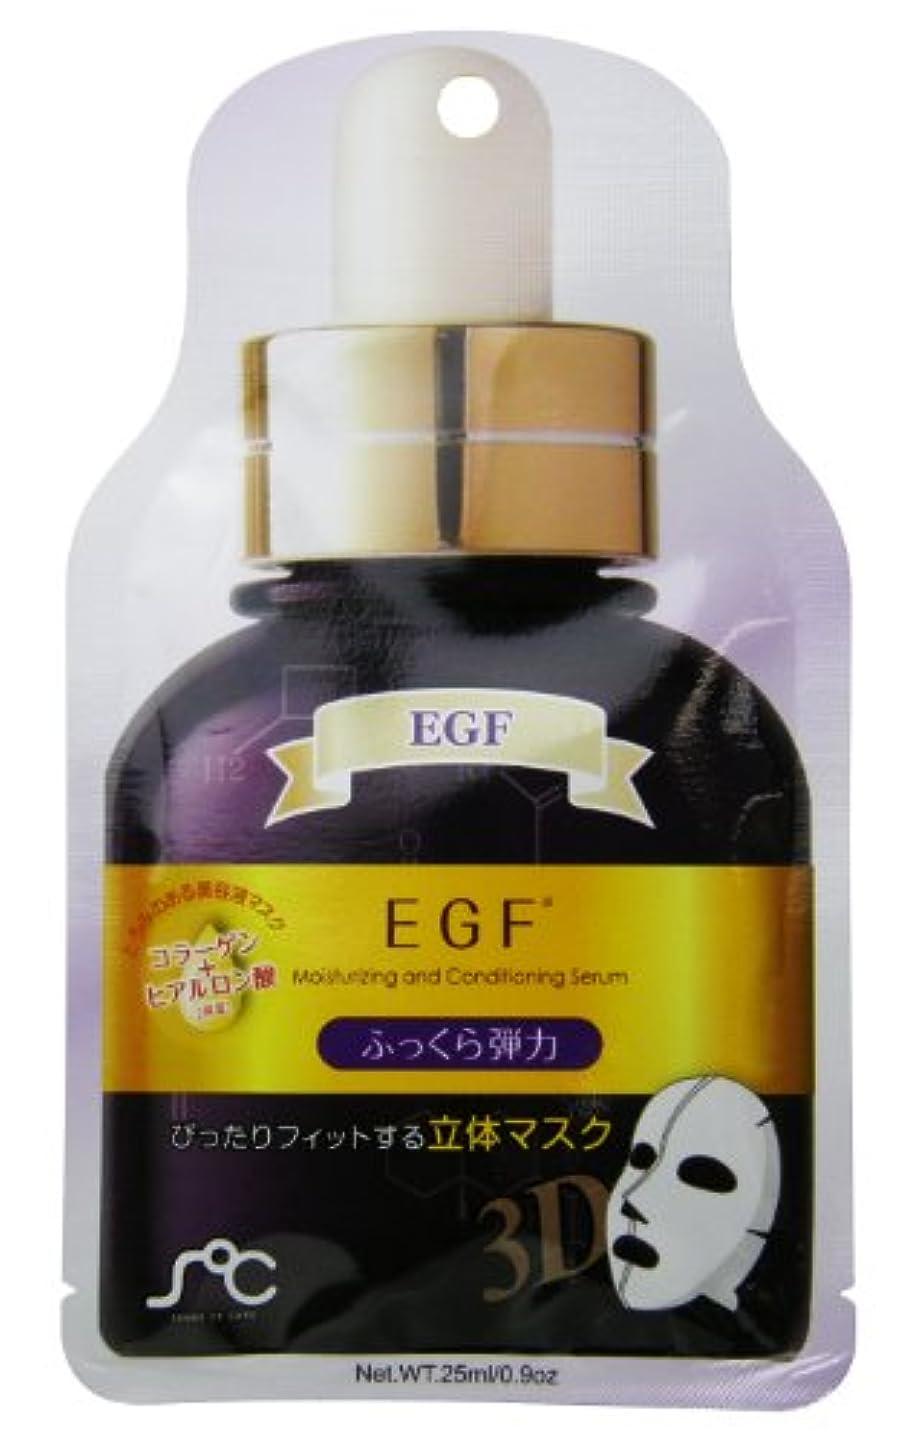 最小化するアンドリューハリディキャメルSOC 3D美容液フェイスマスク EGF 20個